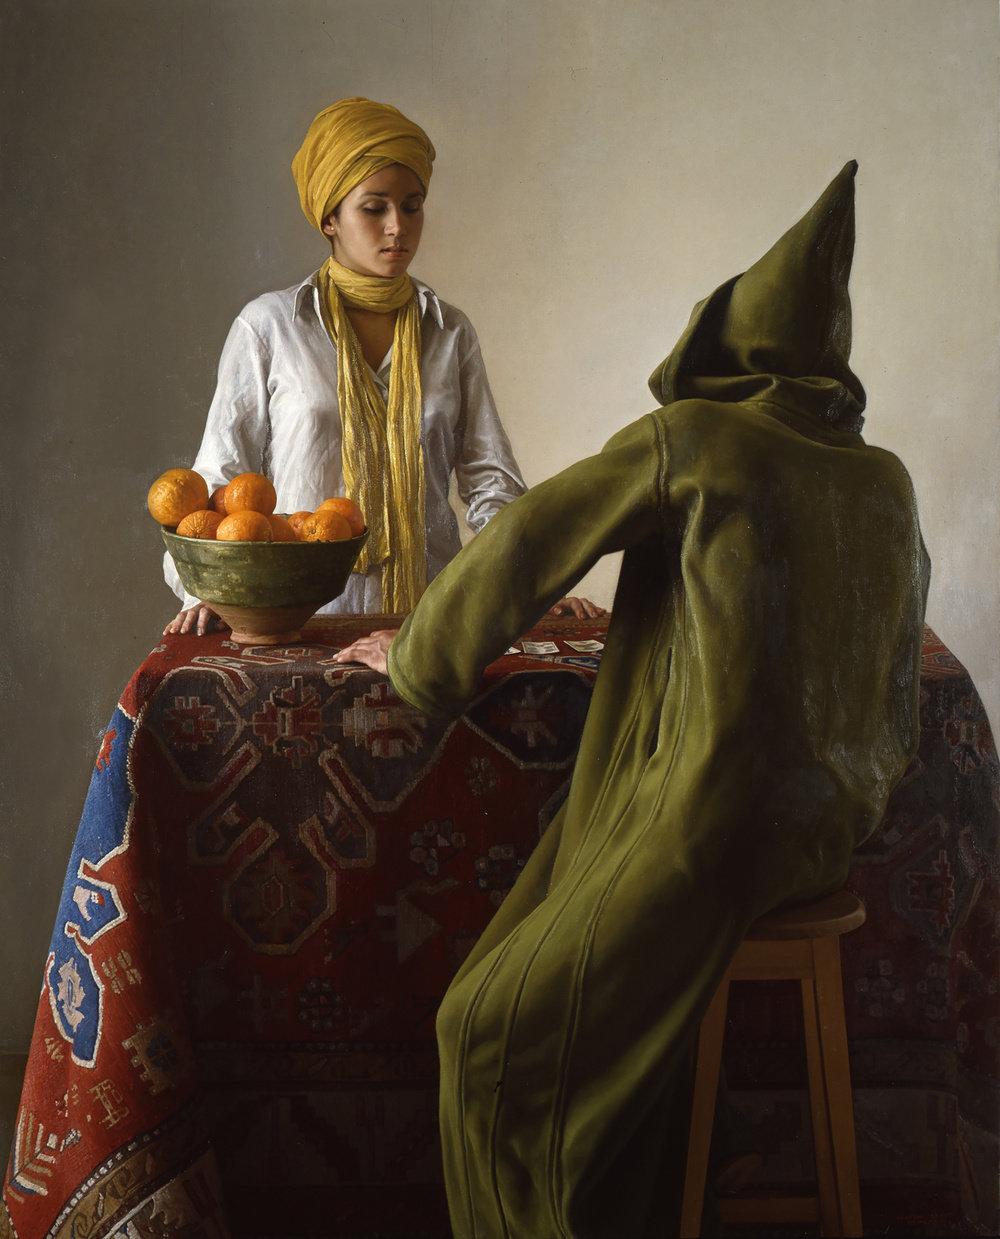 Claudio  ravo Camus The Fortune teller